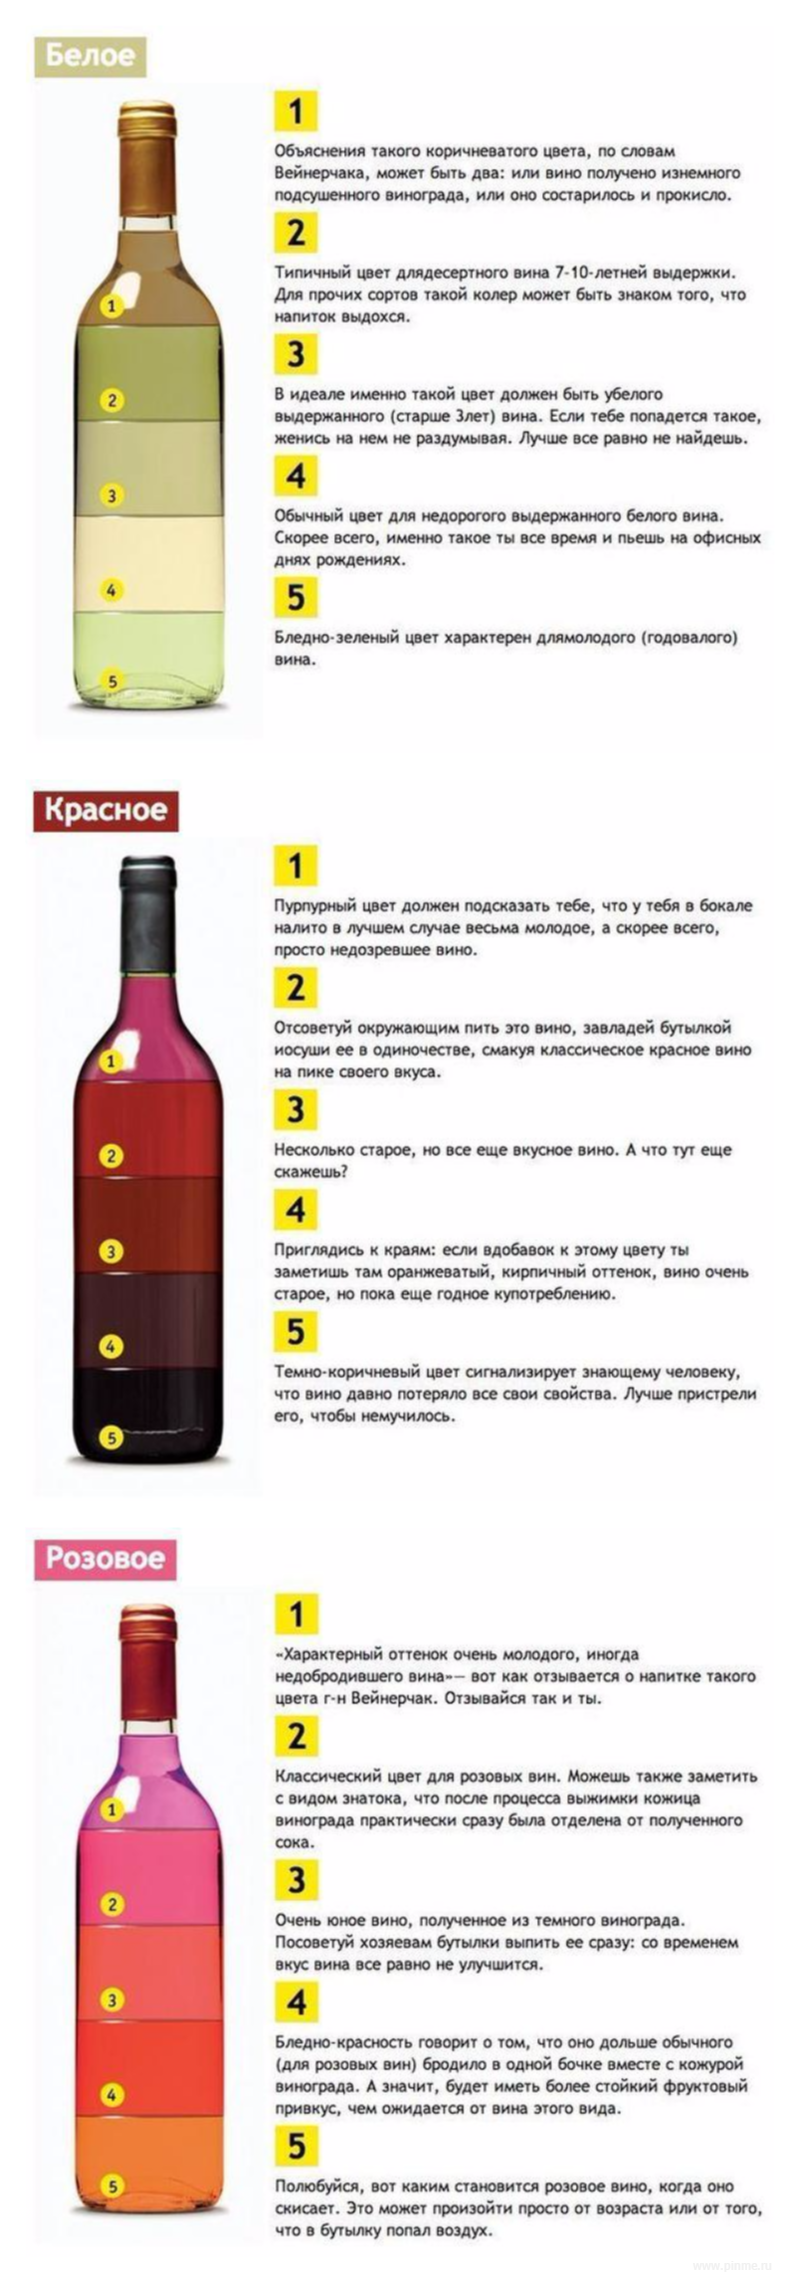 Как сделать водку из спирта рецепты в домашних условиях